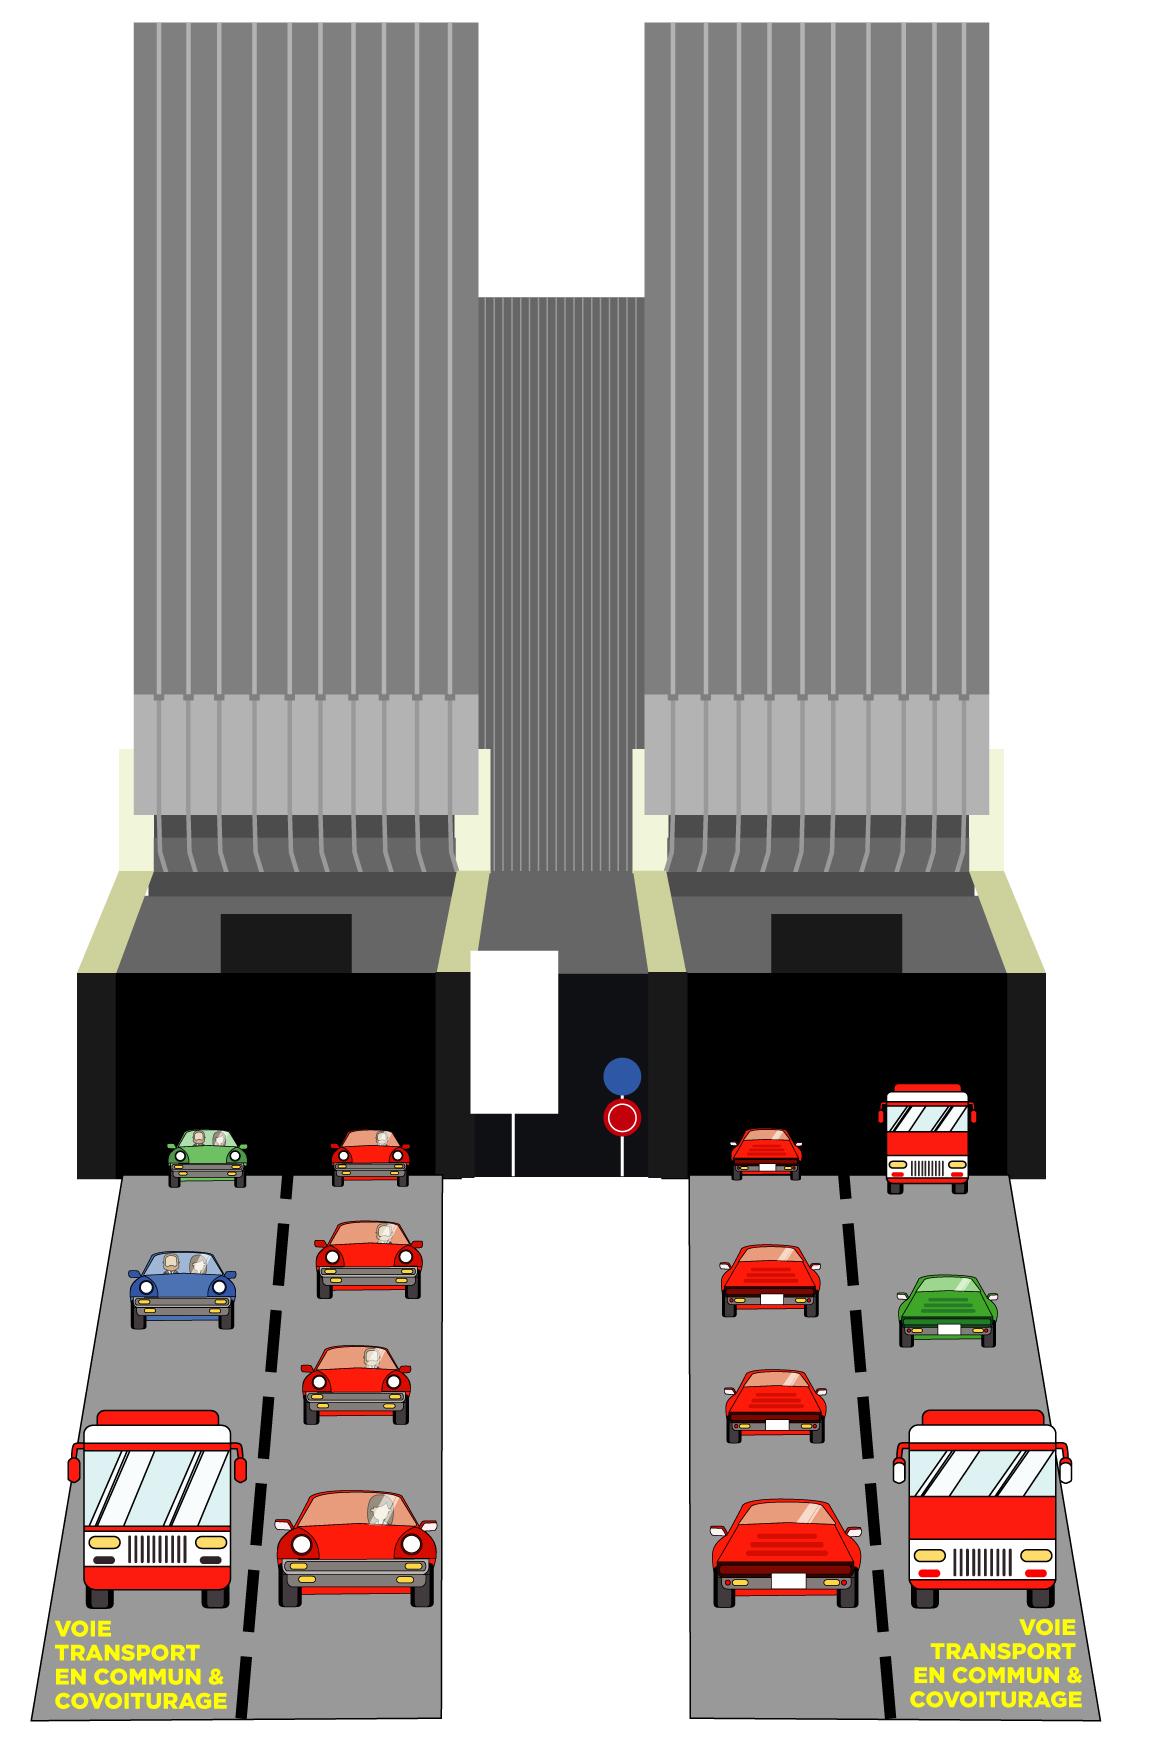 Propositions UDI Pour transformer l'A6/A7 en un boulevard urbain d'ici 2022